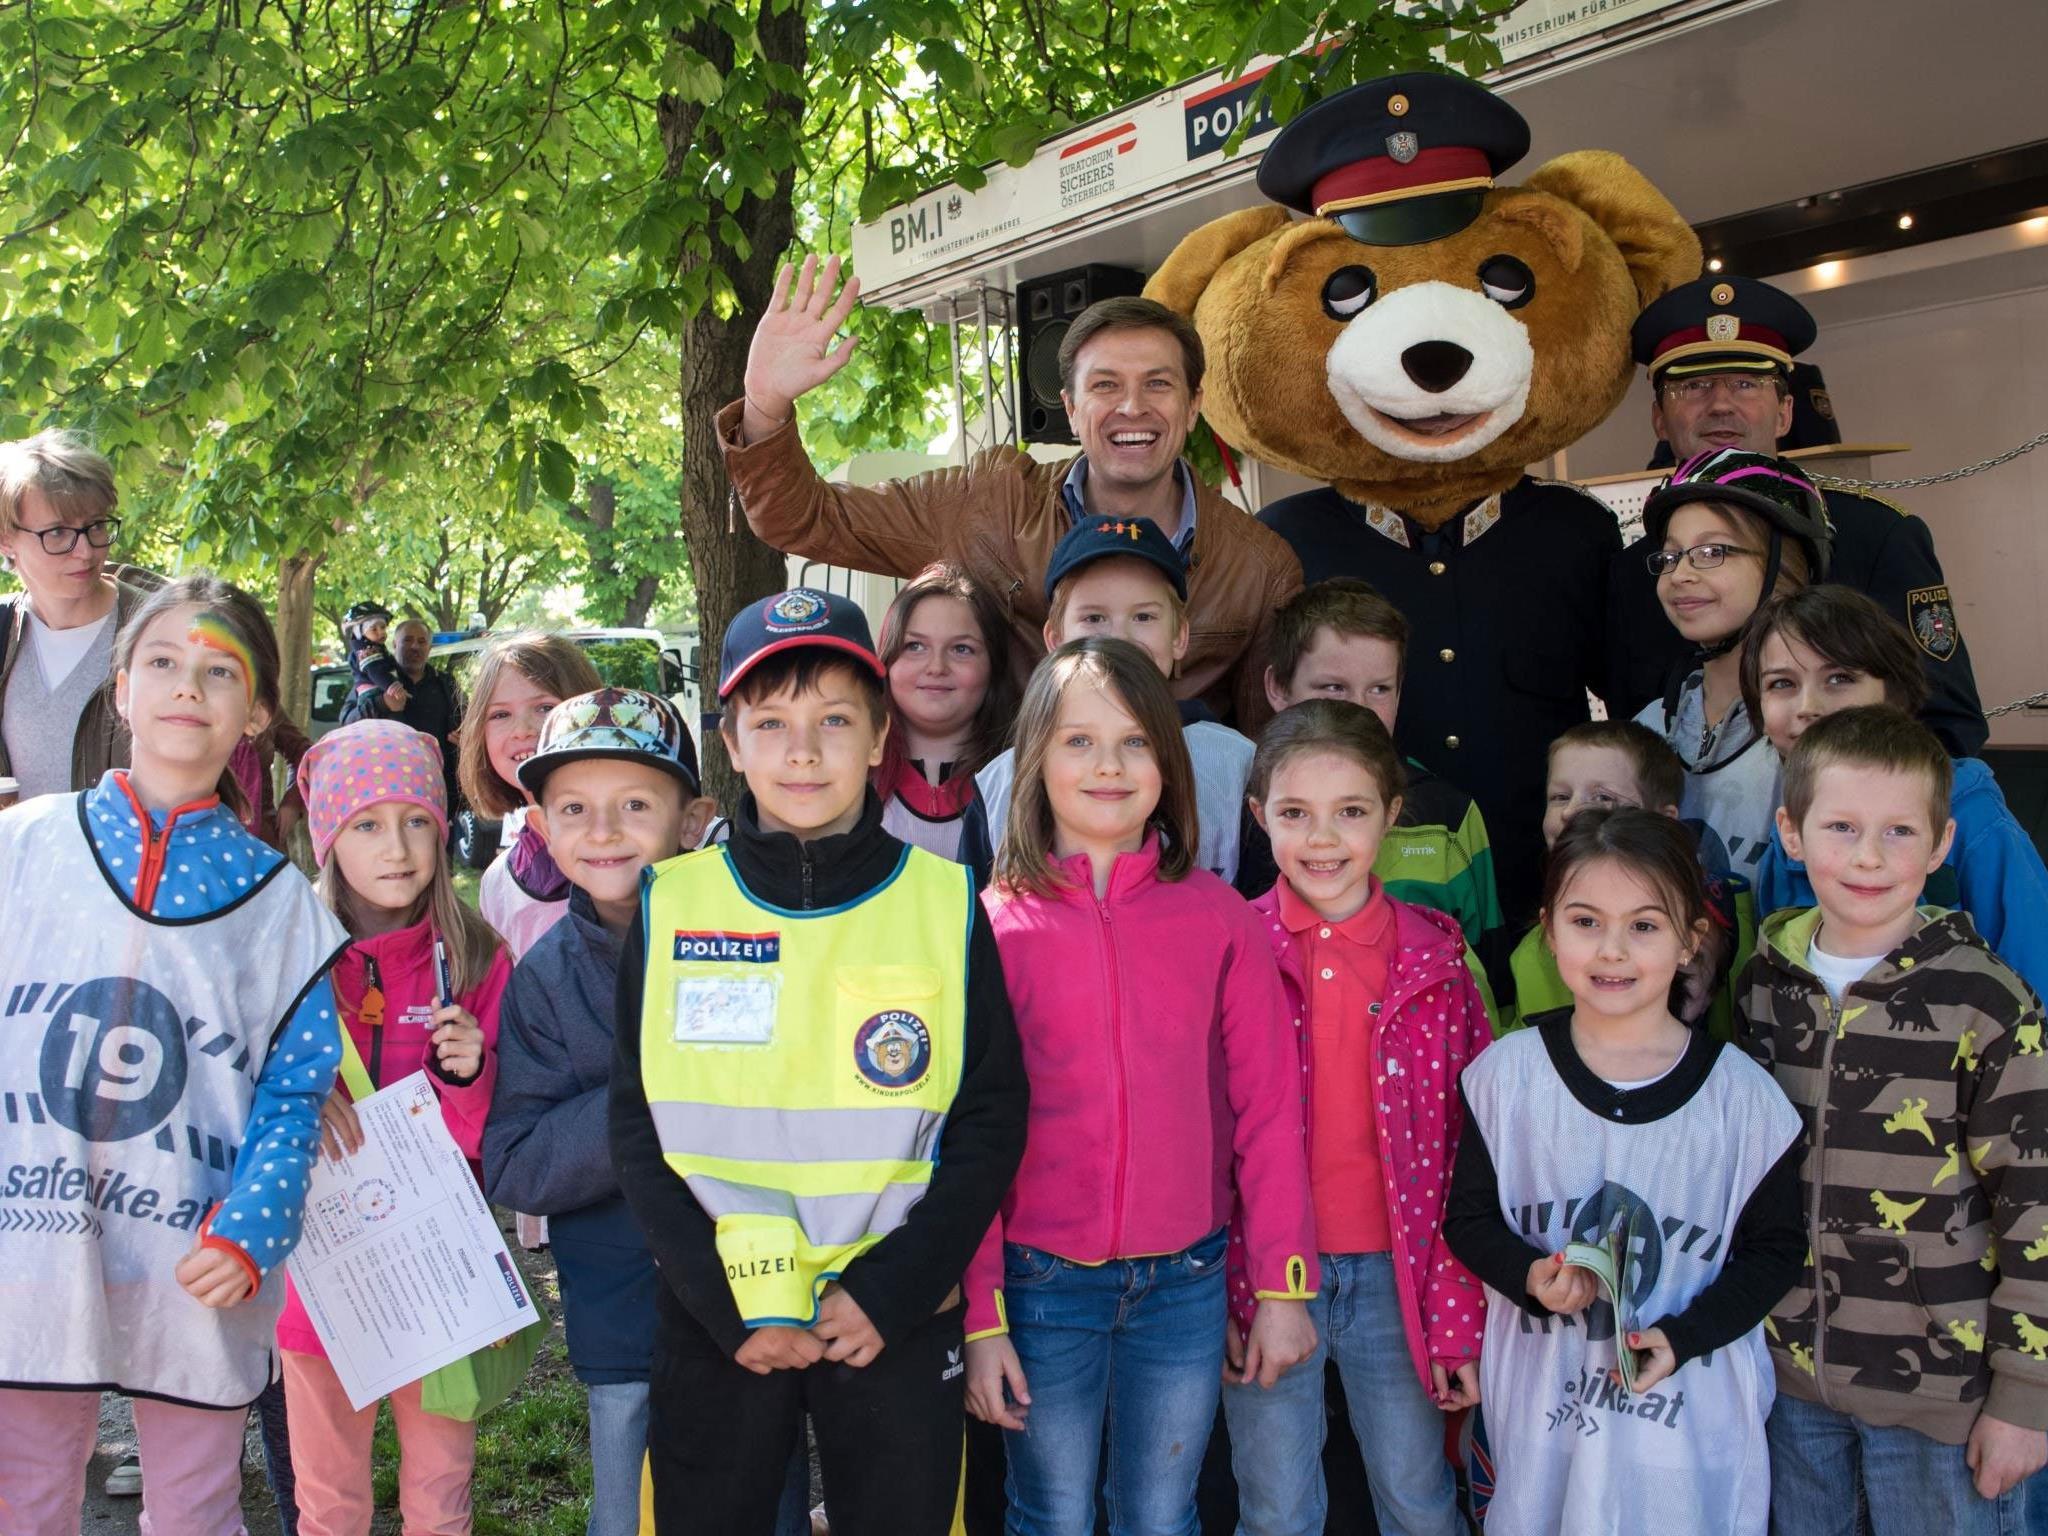 Die Kinderpolizei lädt in den Prater zum großen Event